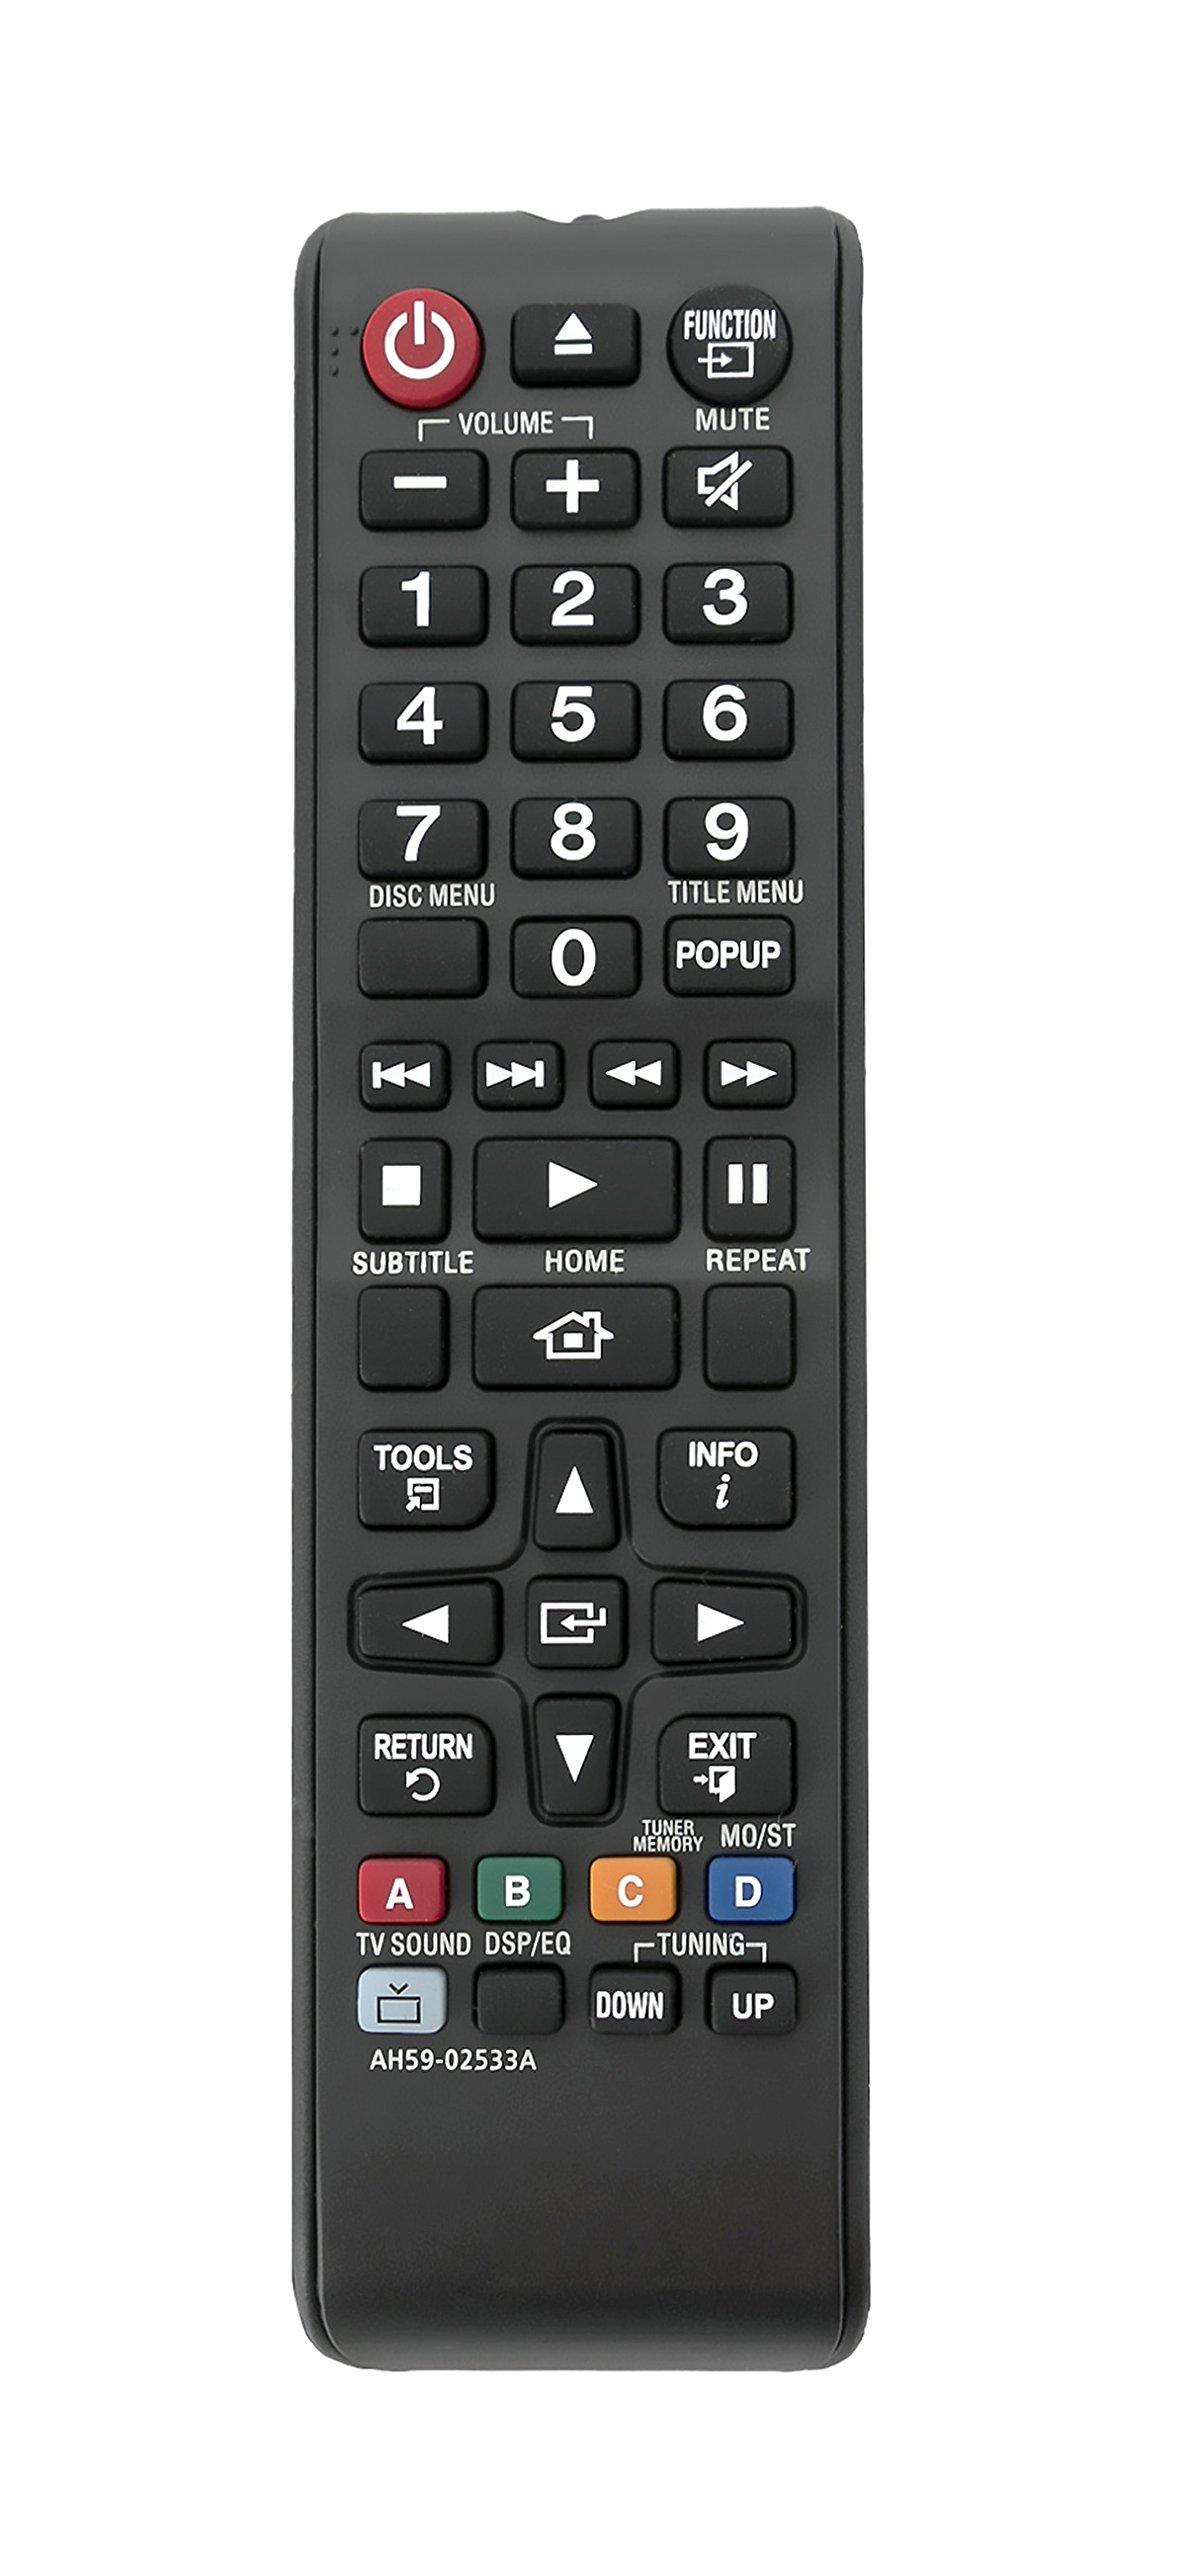 Control Remoto Ah59 02533a Samsung Ht H4530 Ht H5500w Za ...